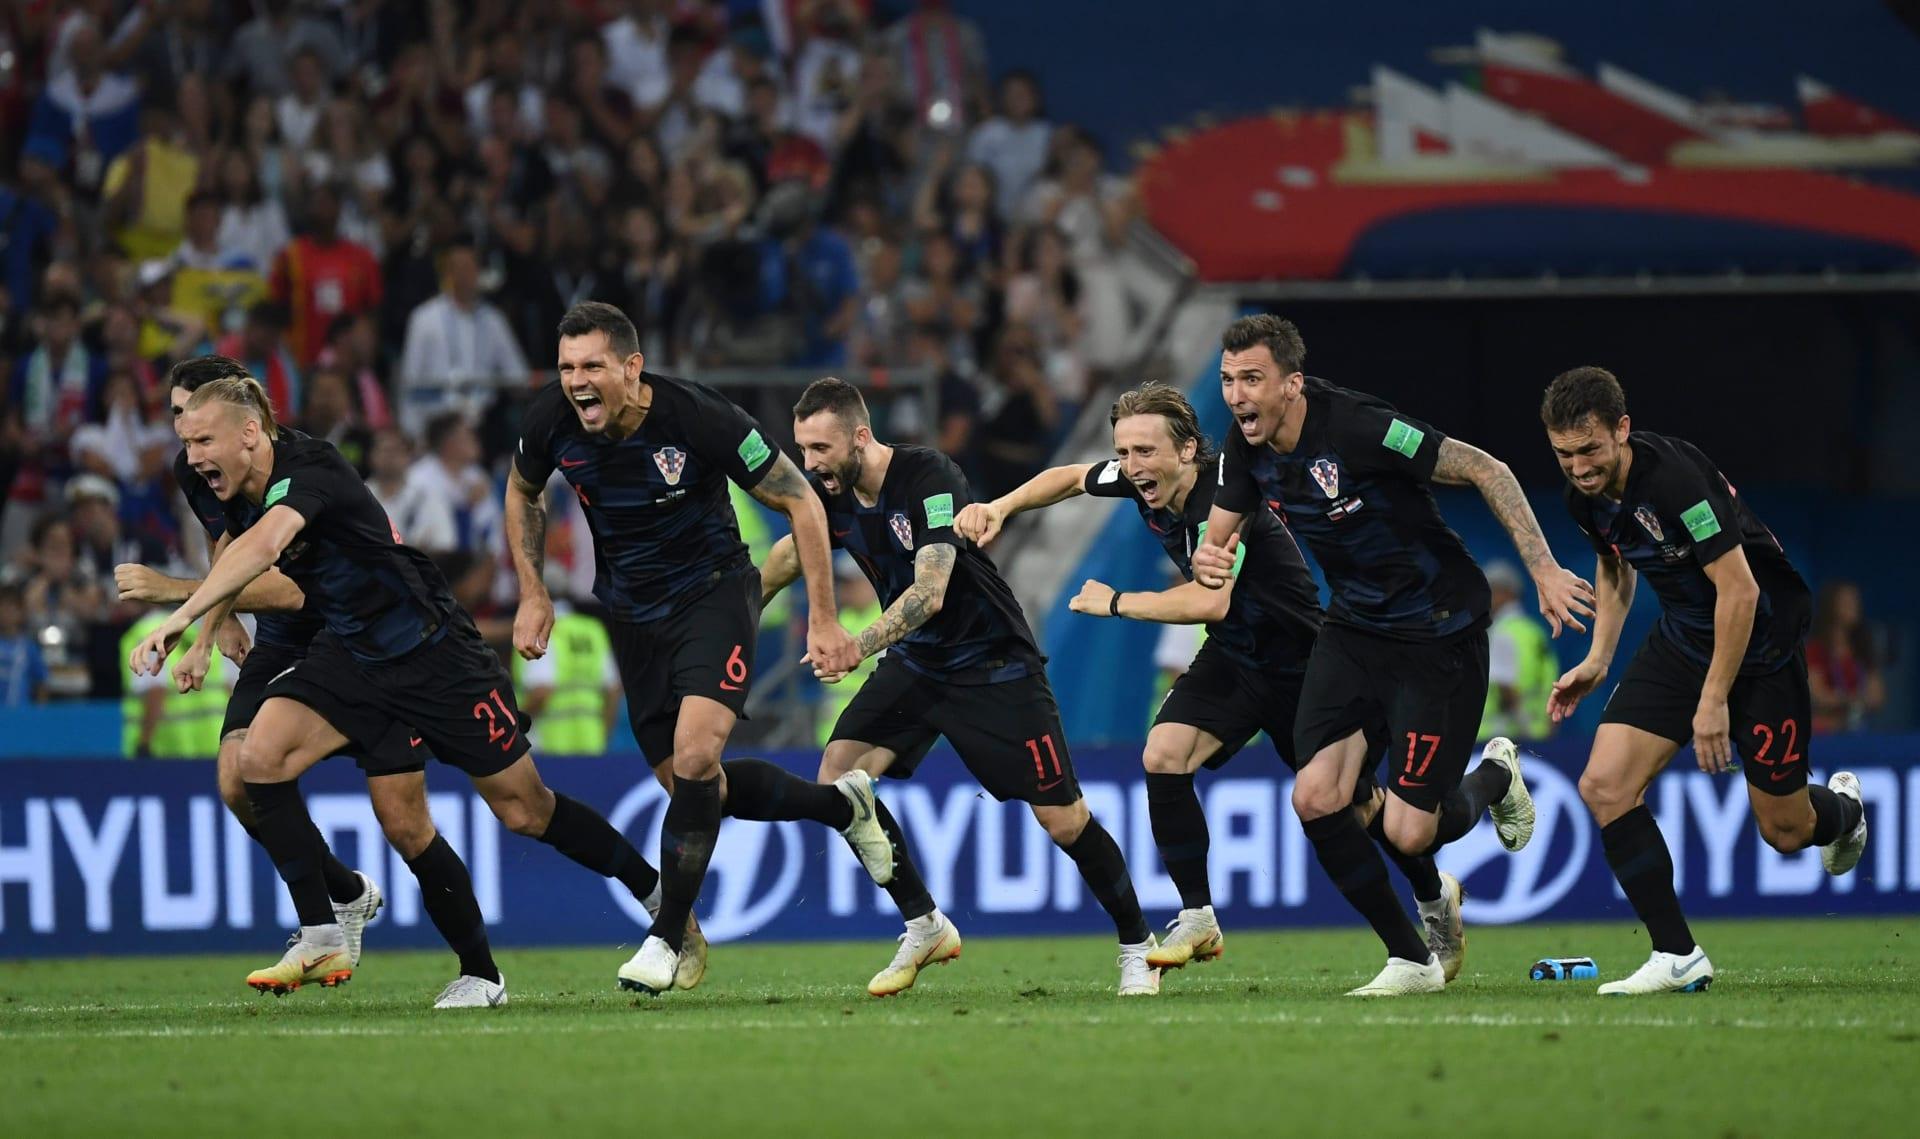 كرواتيا تقصي روسيا وتبلغ ربع النهائي للمرة الأولى منذ 20 عاما